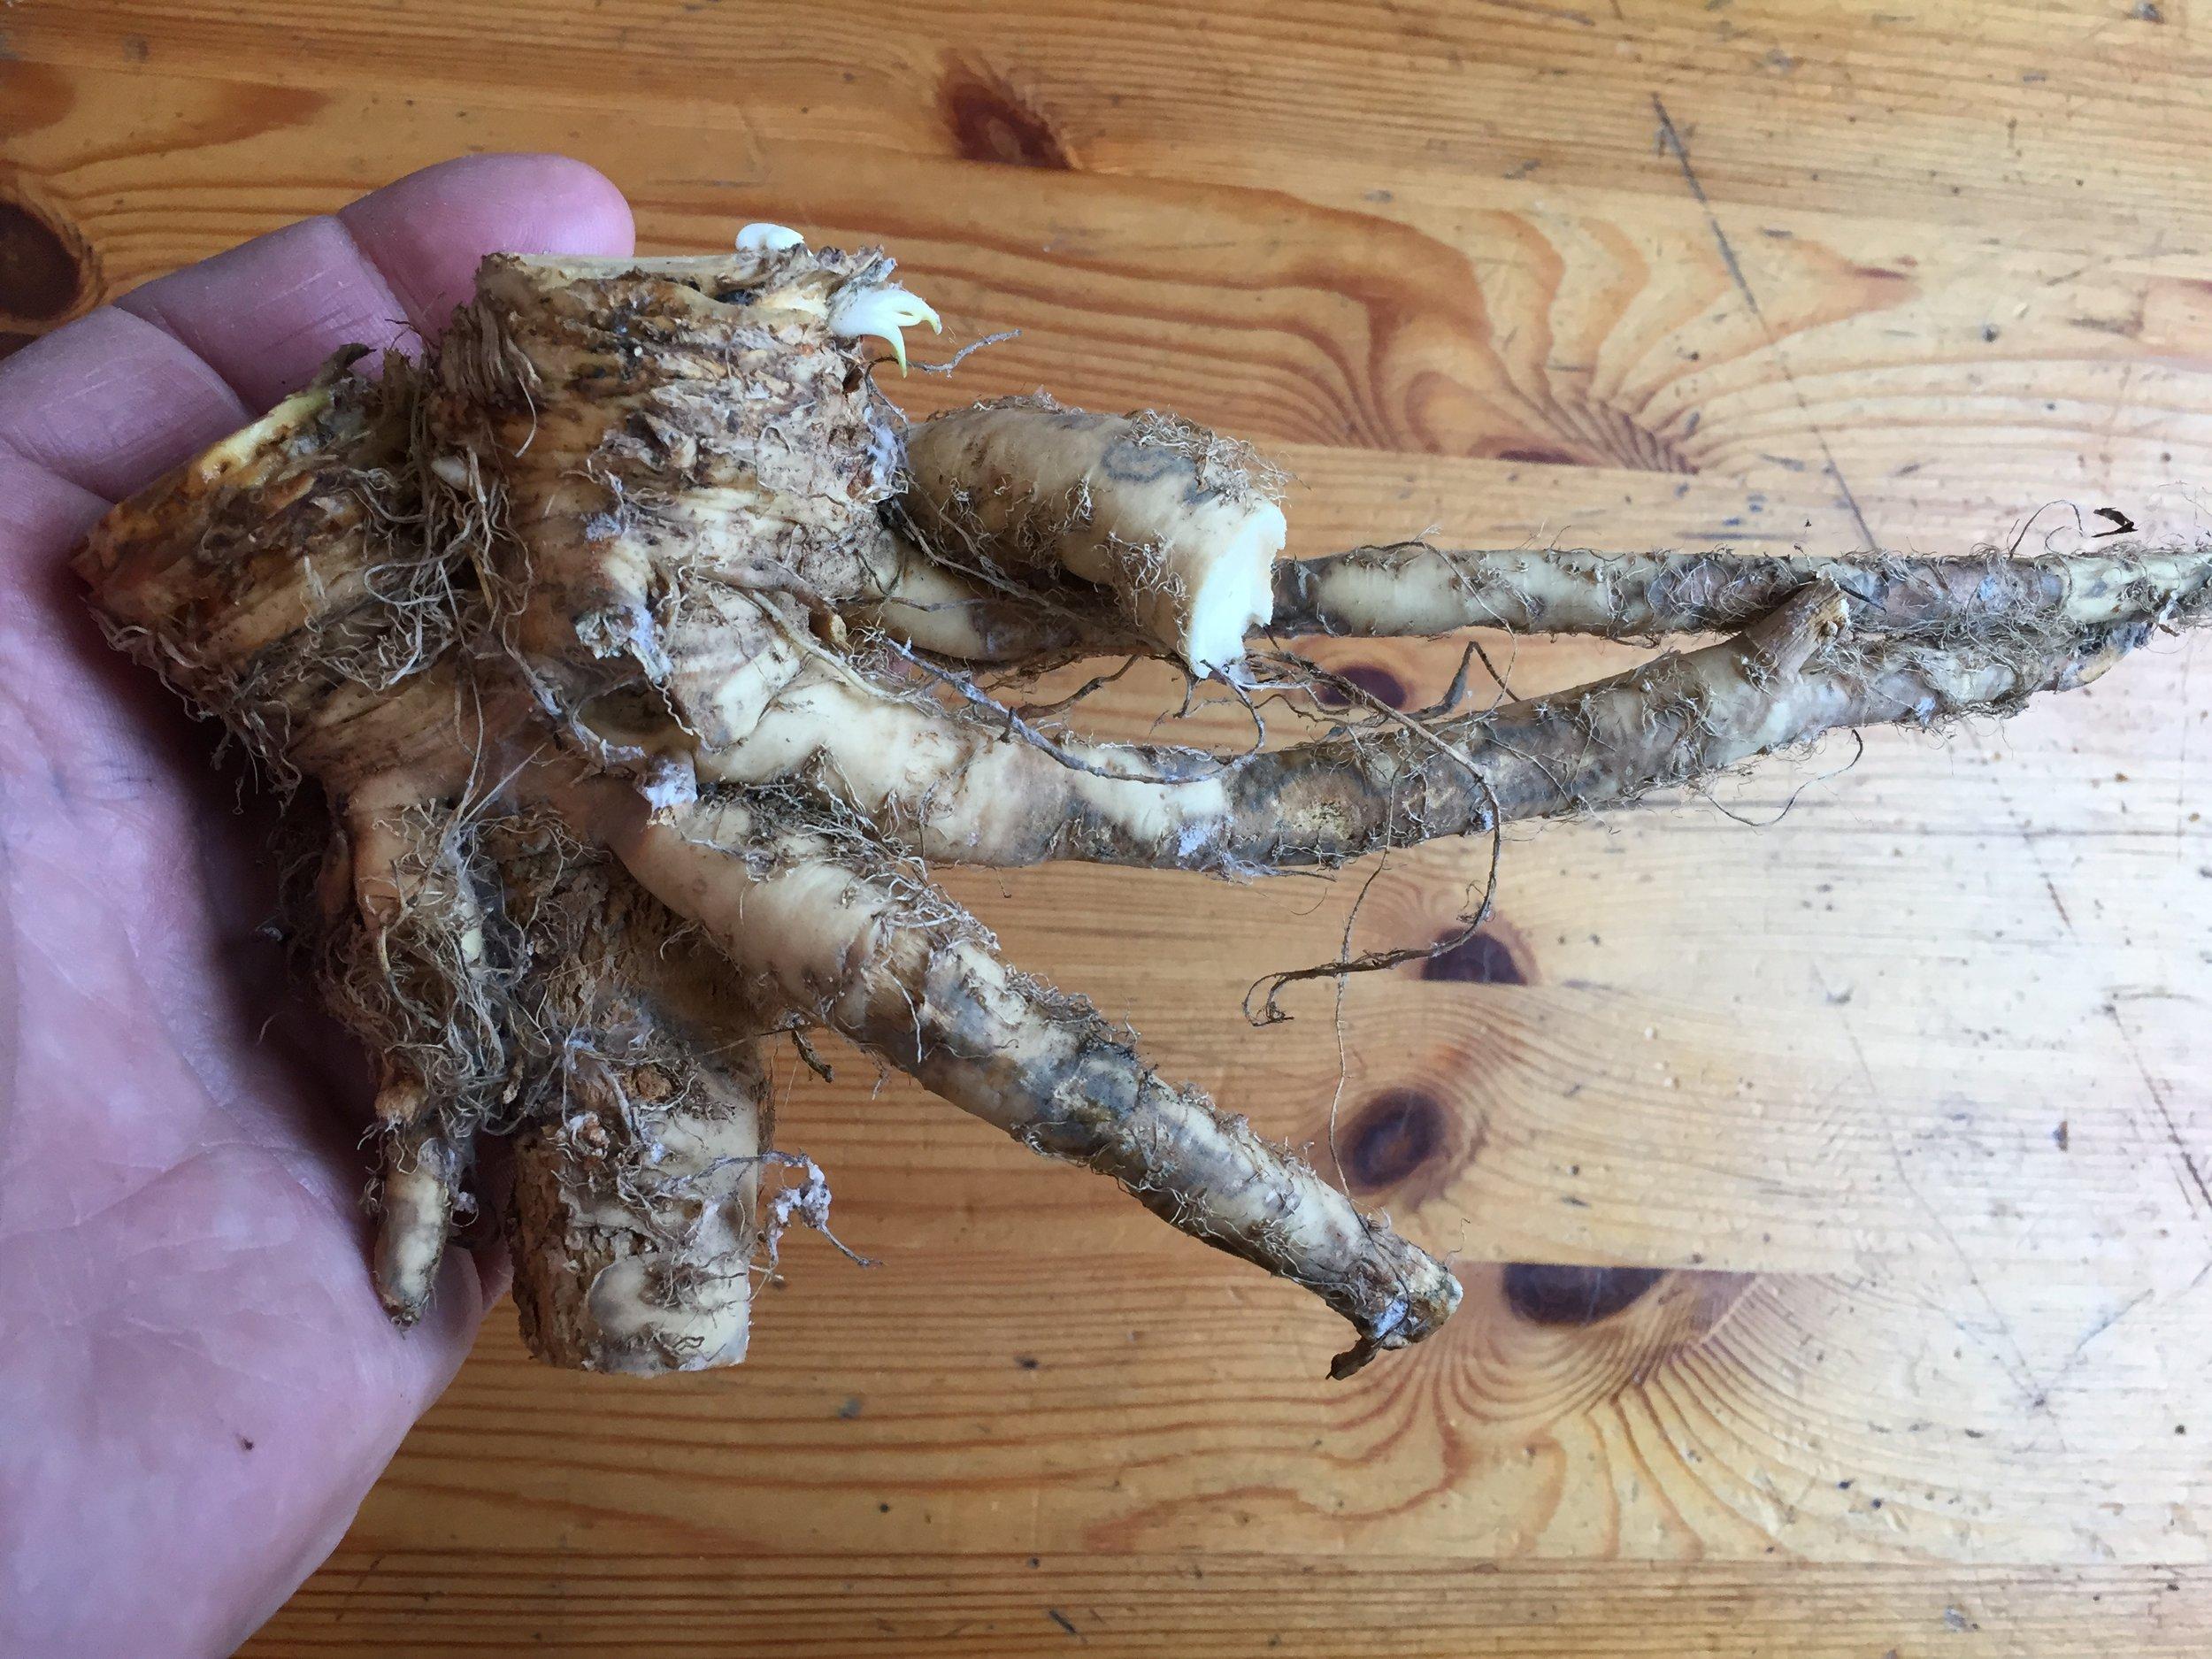 Dette er formen våre røtter har kommet opp av jorden med. Krevende rensing, mye avskjær og arbeid. Vi ser frem til å ta gamle dyrkingsteknikker i bruk.